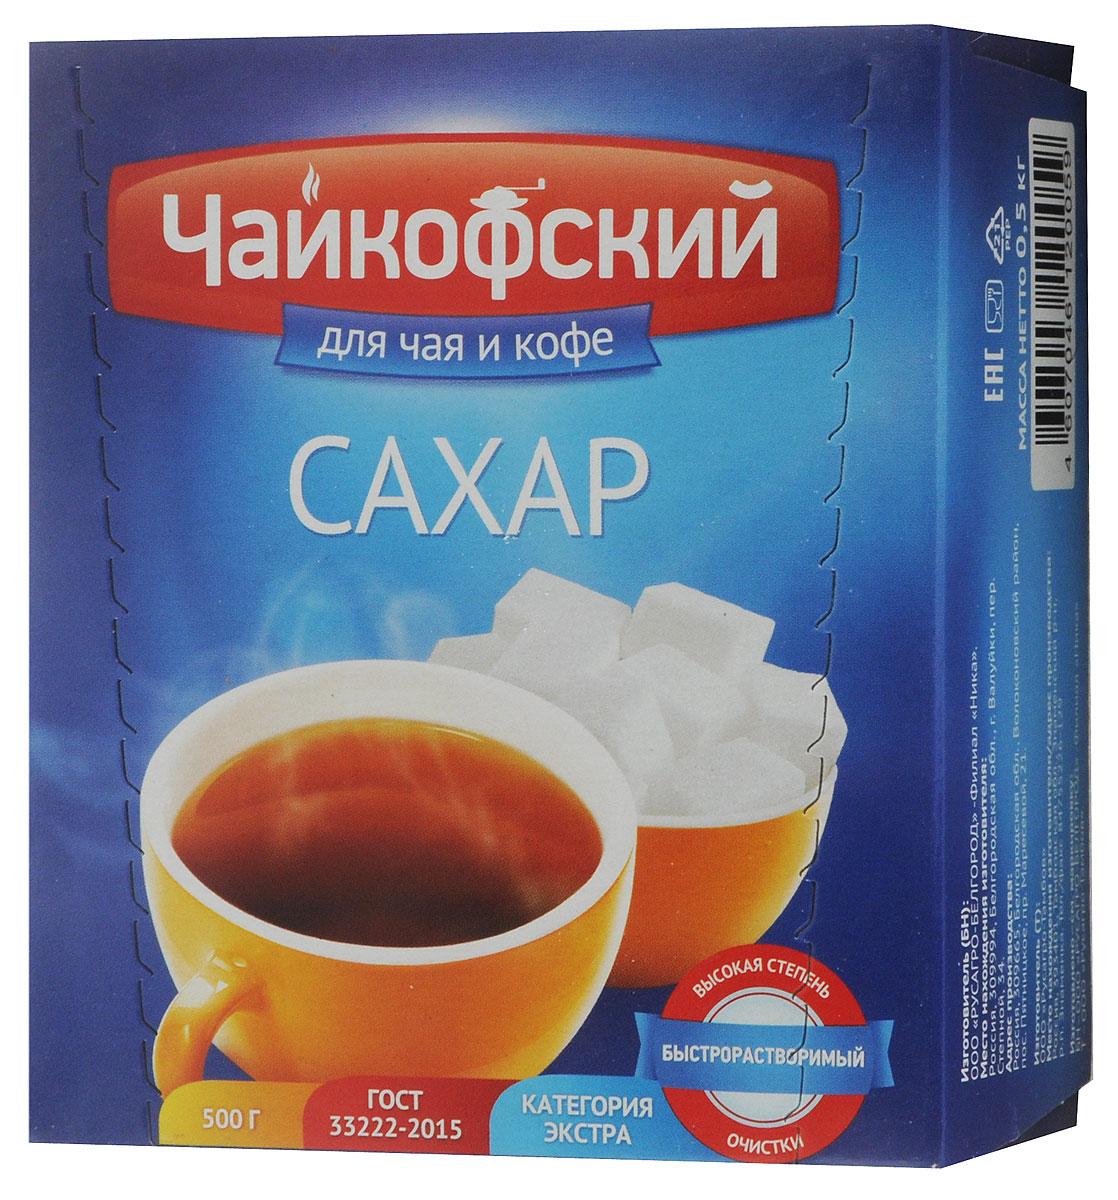 Чайкофский сахар-рафинад быстрорастворимый, 500 г80408Прессованный быстрорастворимый сахар-рафинад Чайкофский изготовлен из качественного сырья - сахарной свеклы. Отлично подойдет для ежедневного употребления с различными напитками. Уважаемые клиенты! Обращаем ваше внимание на то, что упаковка может иметь несколько видов дизайна. Поставка осуществляется в зависимости от наличия на складе.